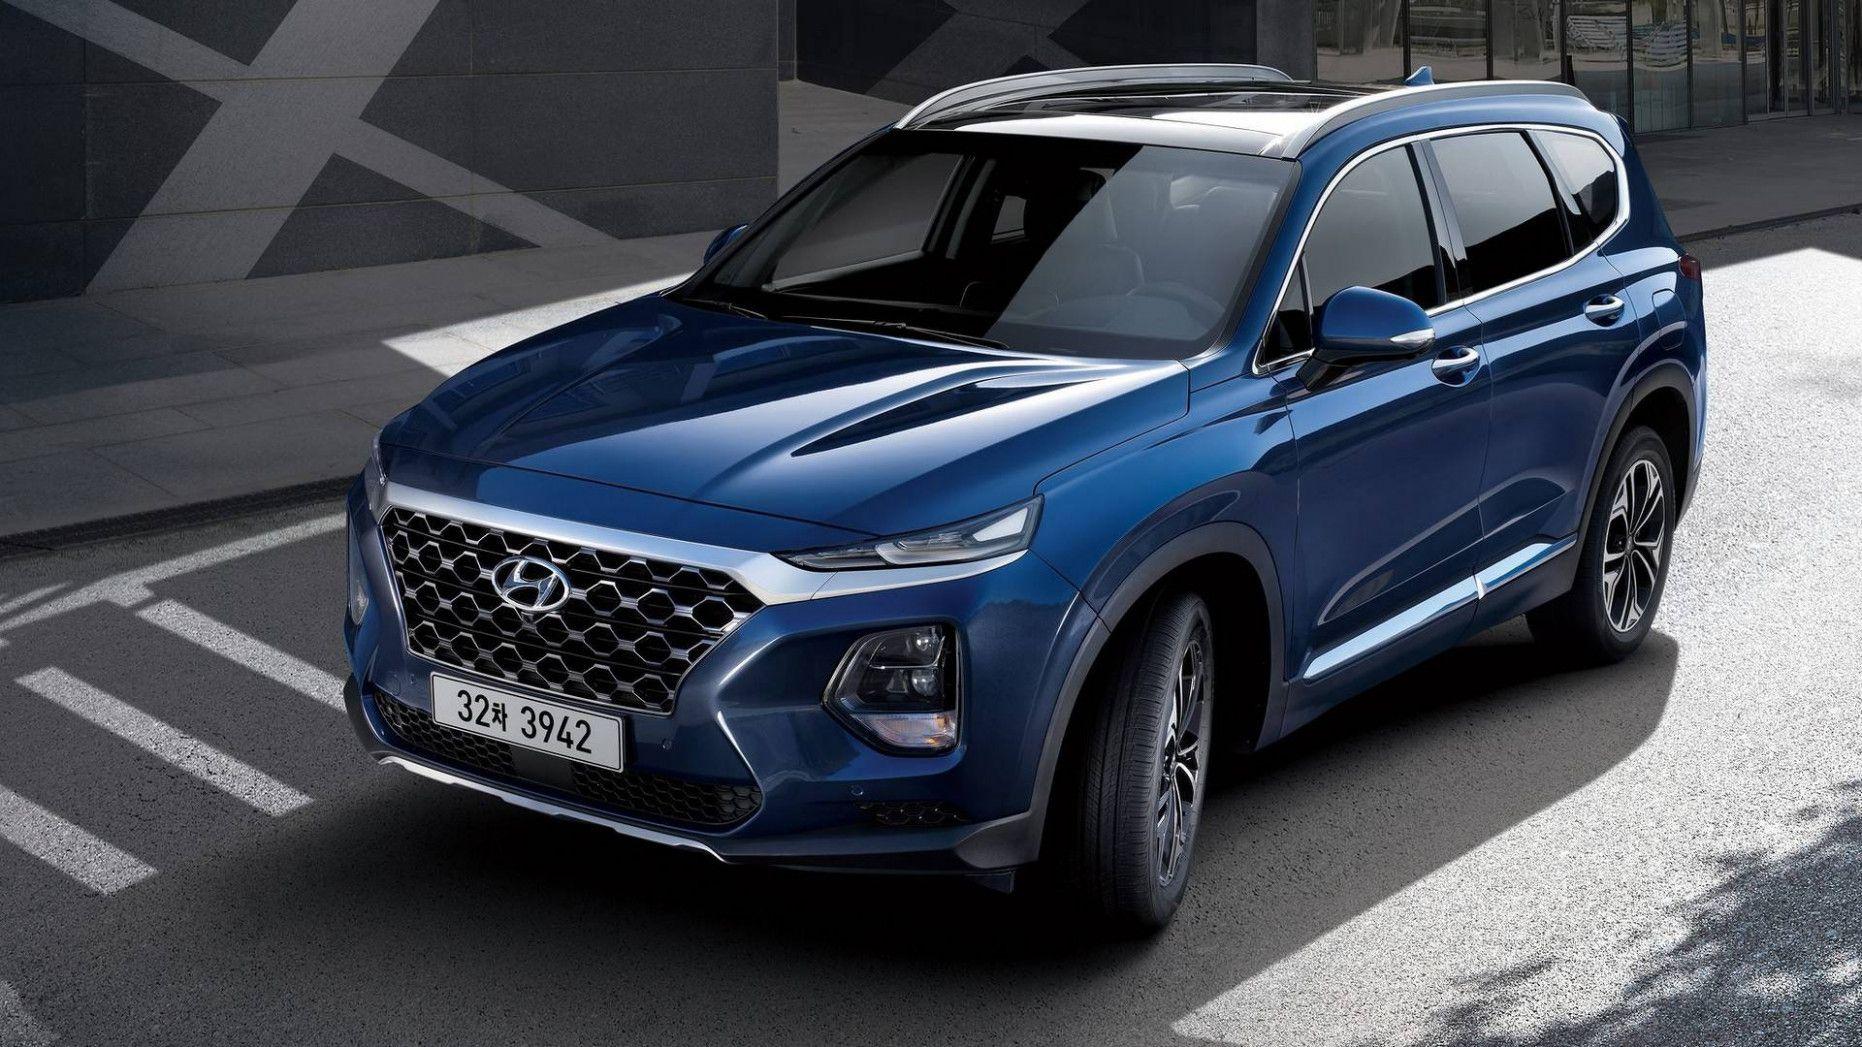 2020 Hyundai Santa Fe Release Date Rumors Hyundai Santa Fe Hyundai Santa Fe